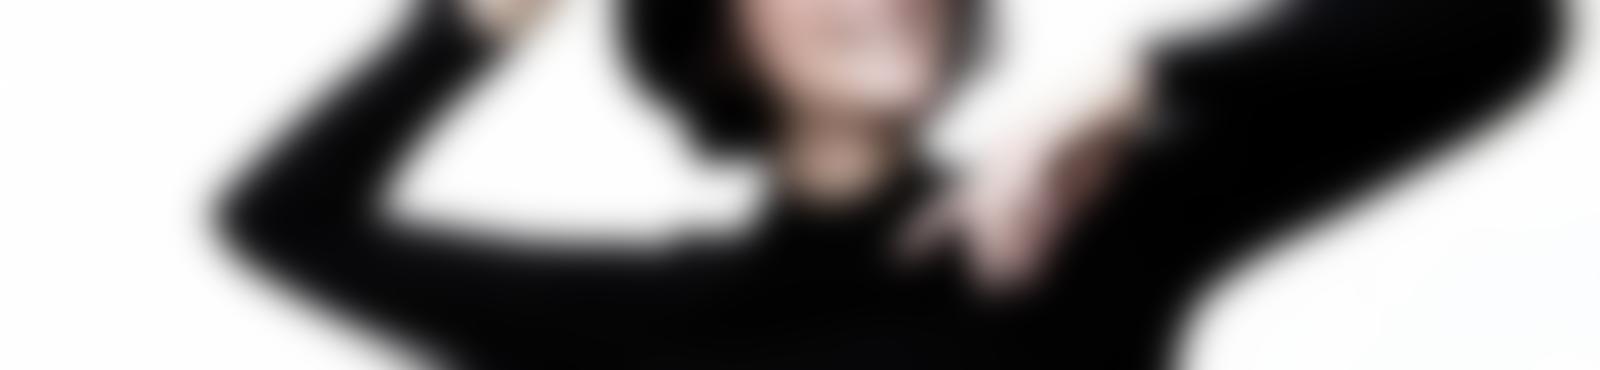 Blurred 115dc21d a795 4464 8737 a82c62651a3c